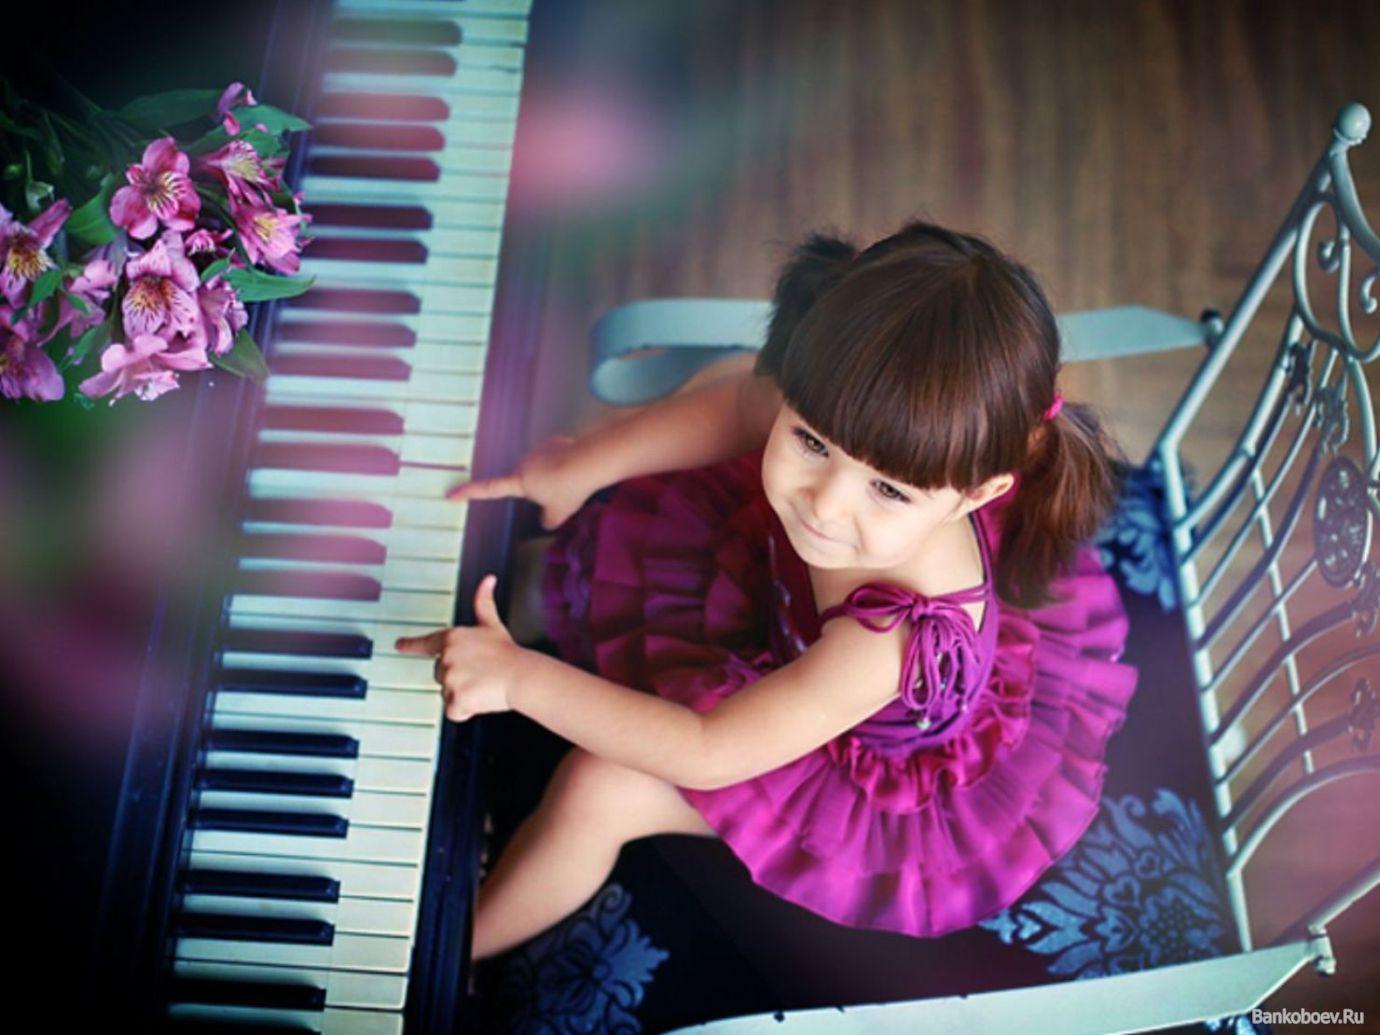 Занятия музыкой делают ребенка умнее